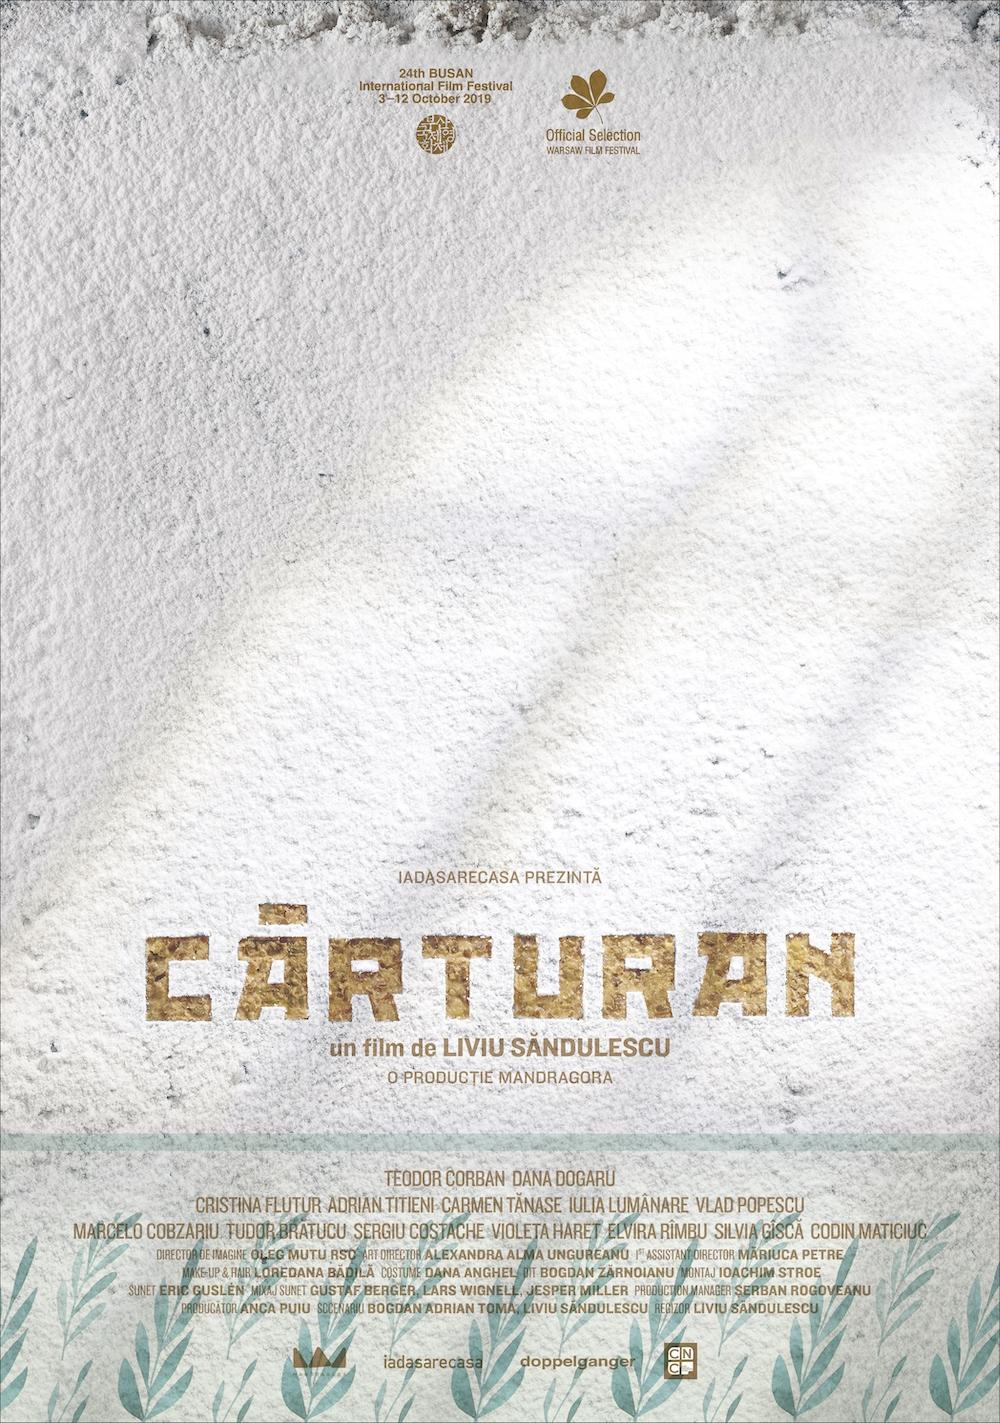 001 Carturan - Afis